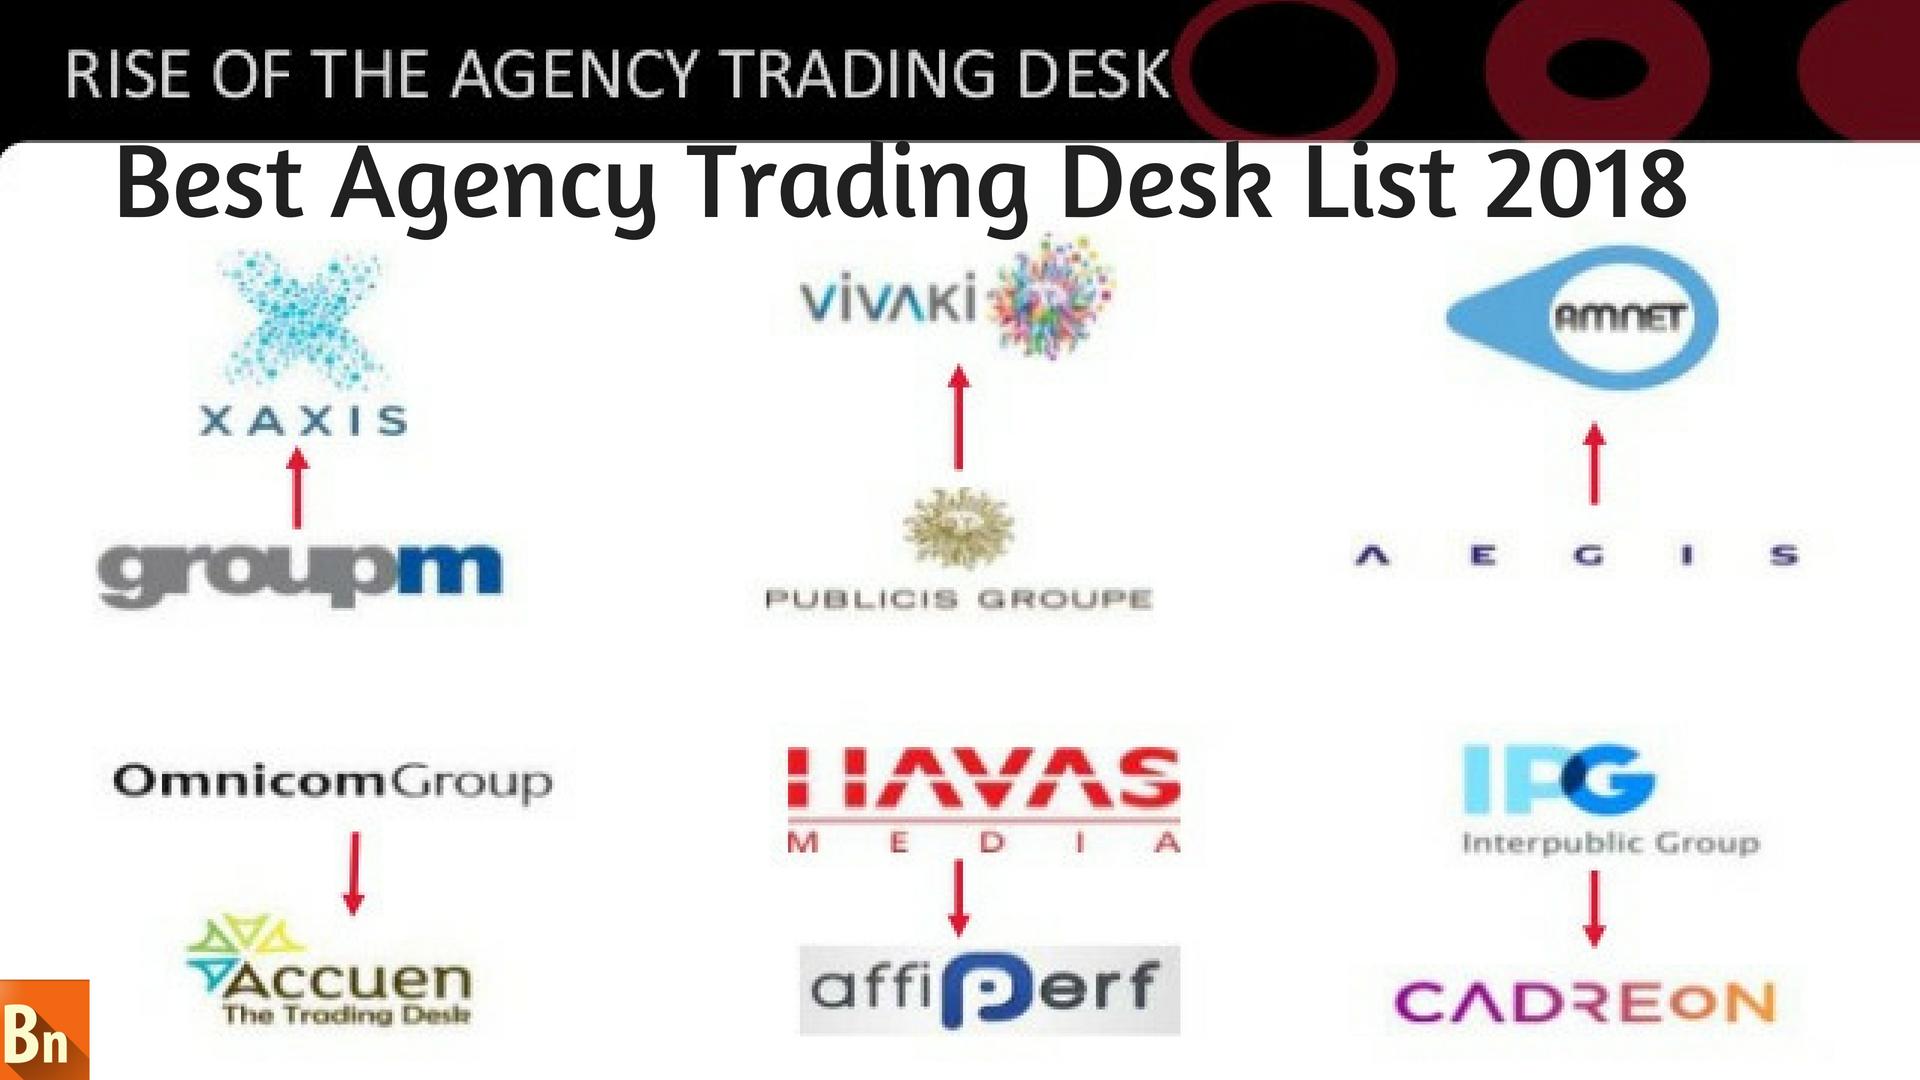 Best Agency Trading Desk List 2018